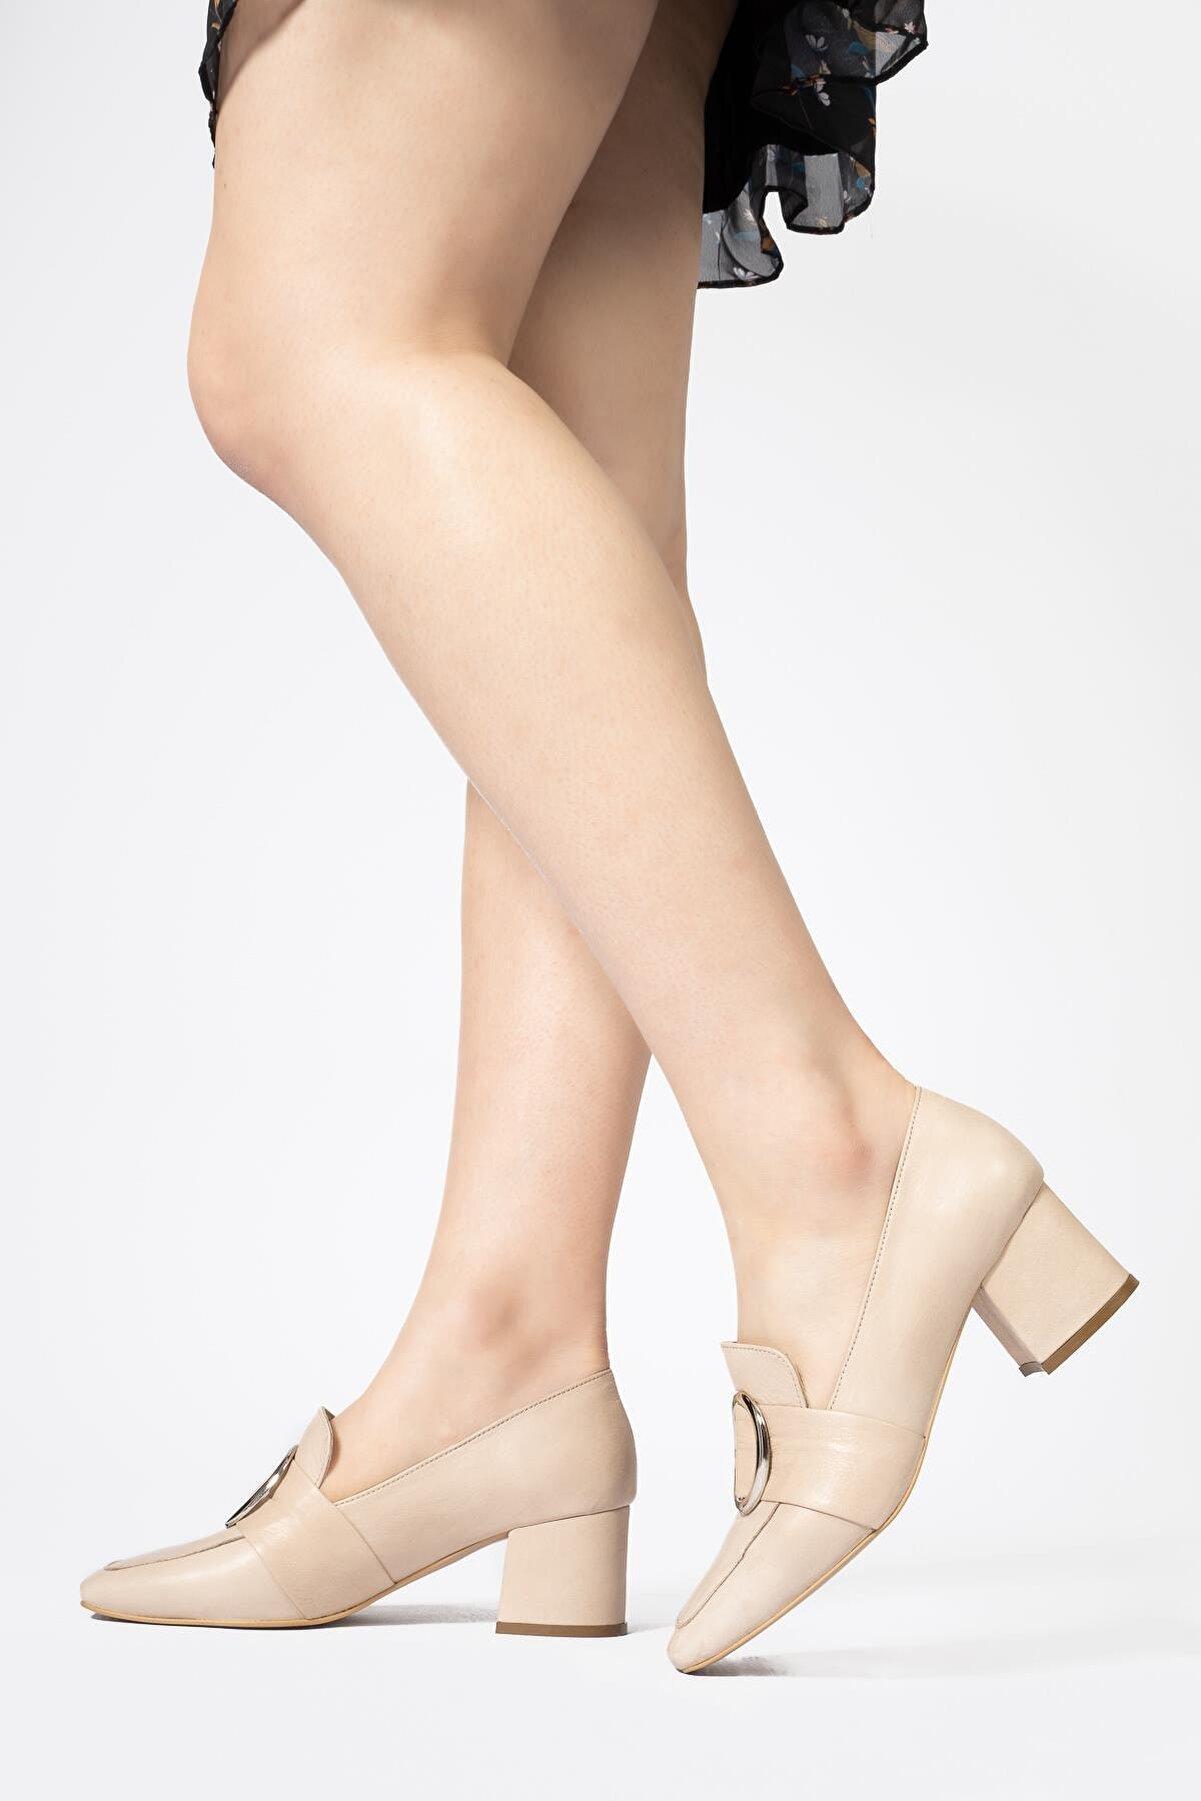 CZ London Kadın Bej Hakiki Deri Günlük Topuklu Loafer Ayakkabı